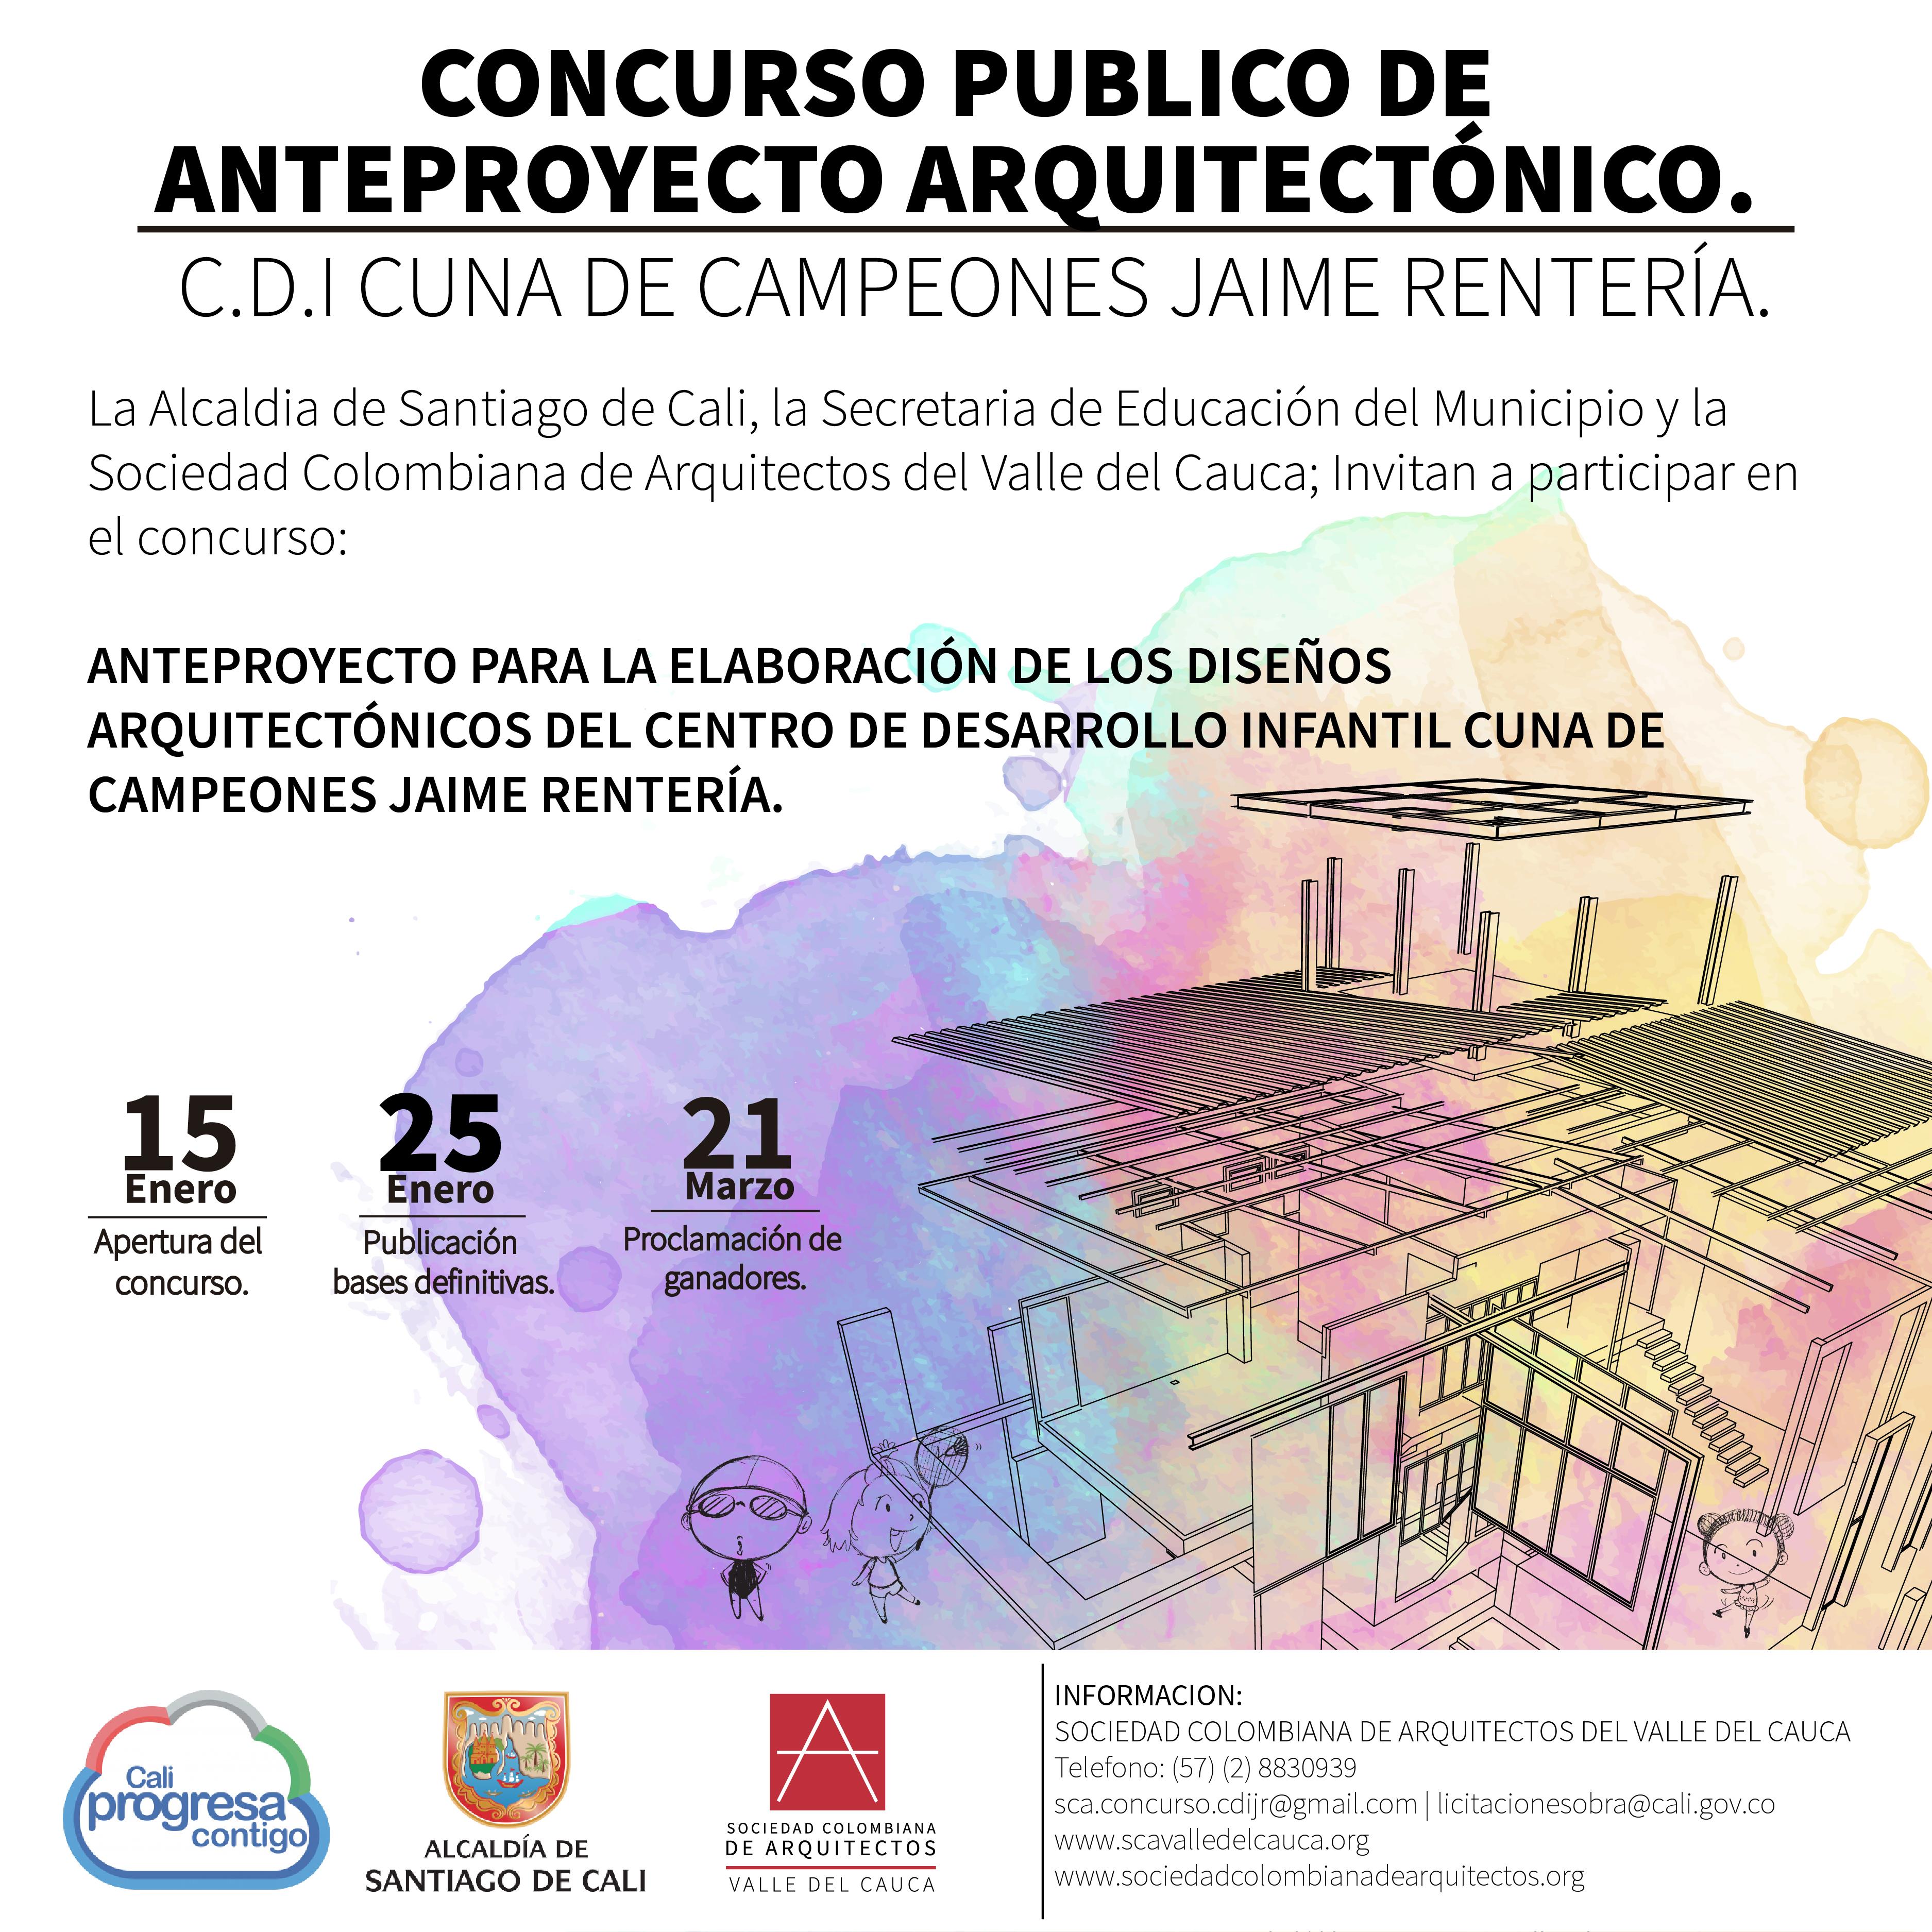 CONCURSO SCA 01 01 01